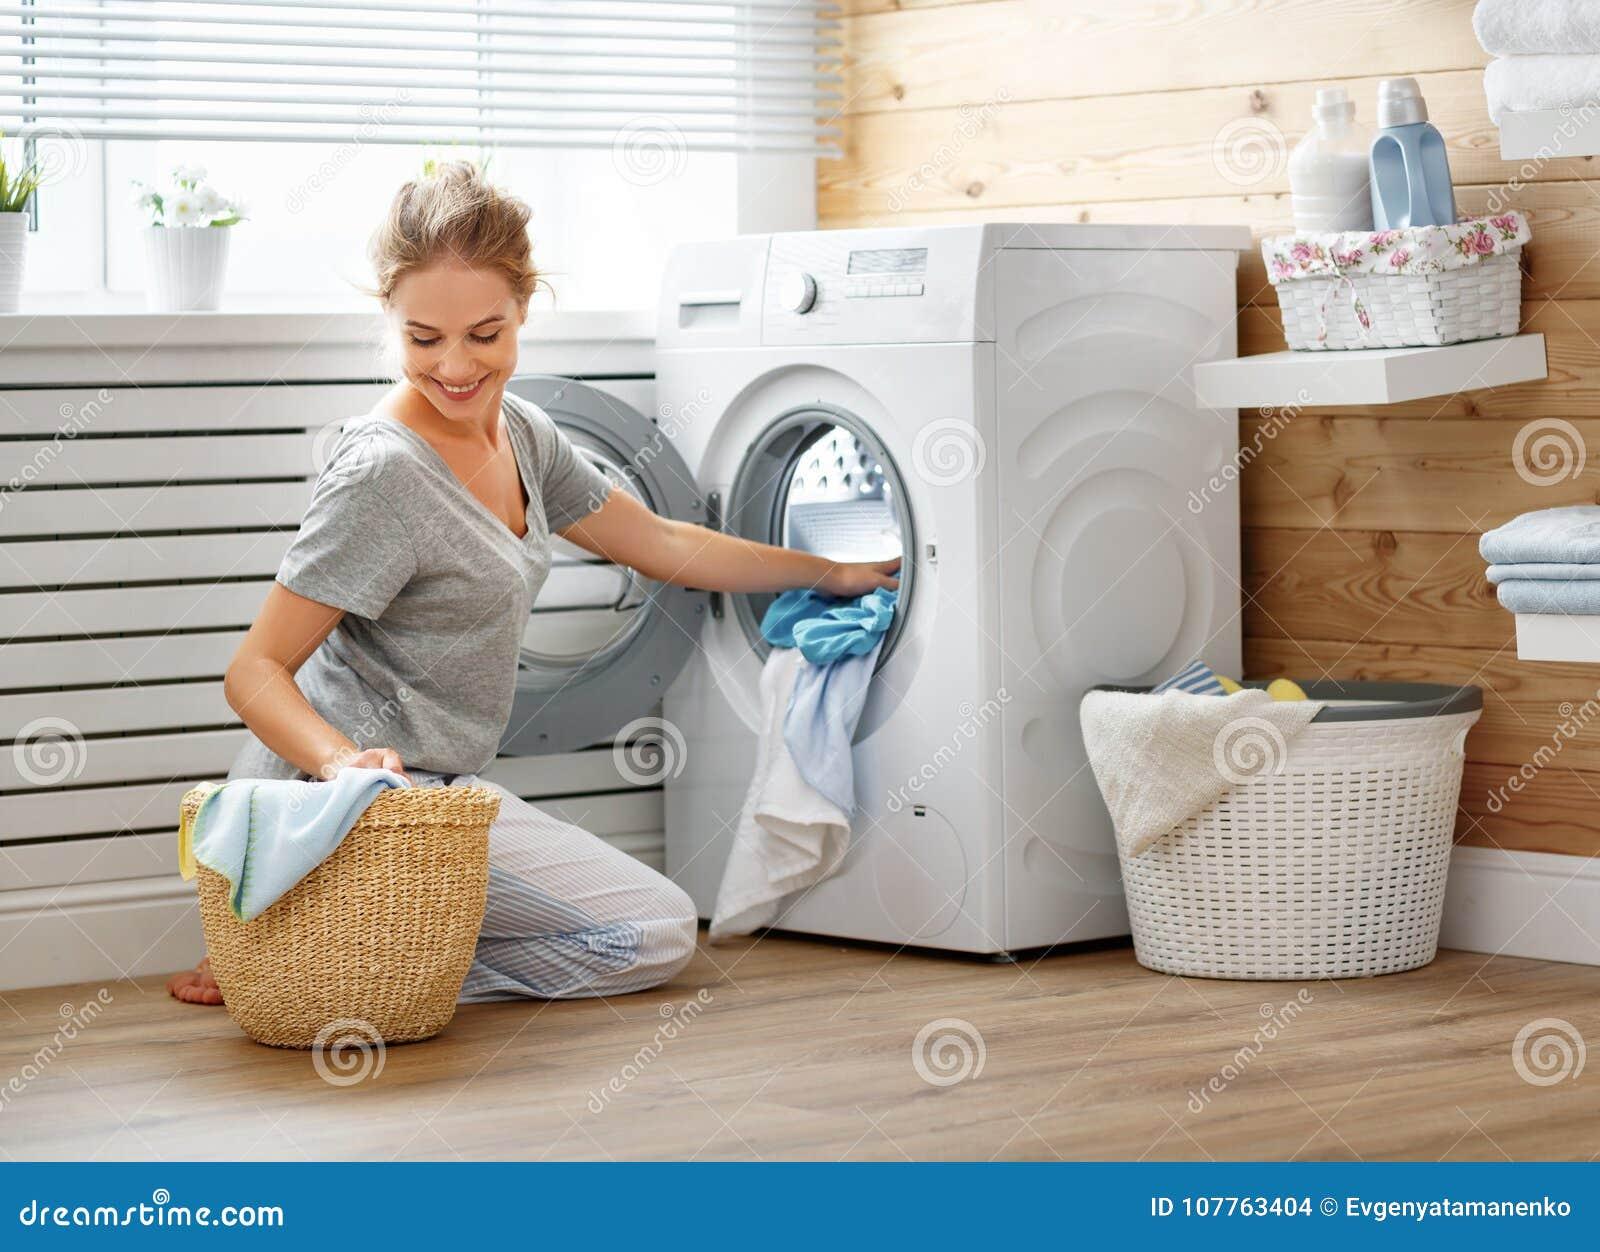 Lycklig hemmafrukvinna i tvättstuga med tvagningmaskinen